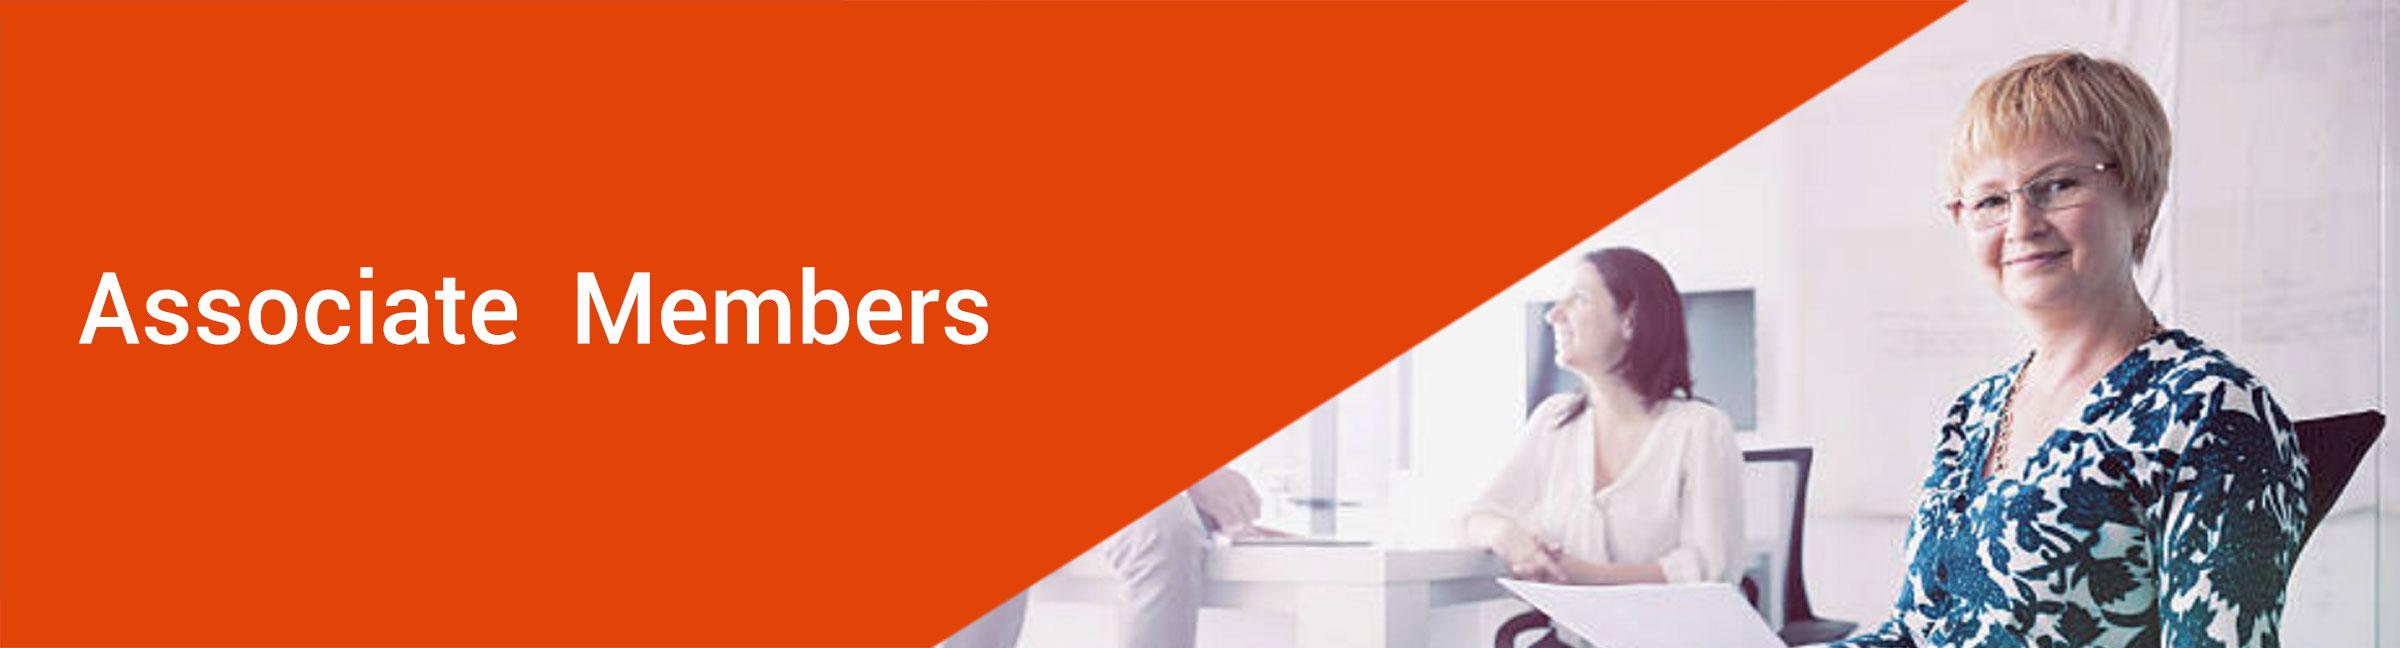 header_pic_asso_members